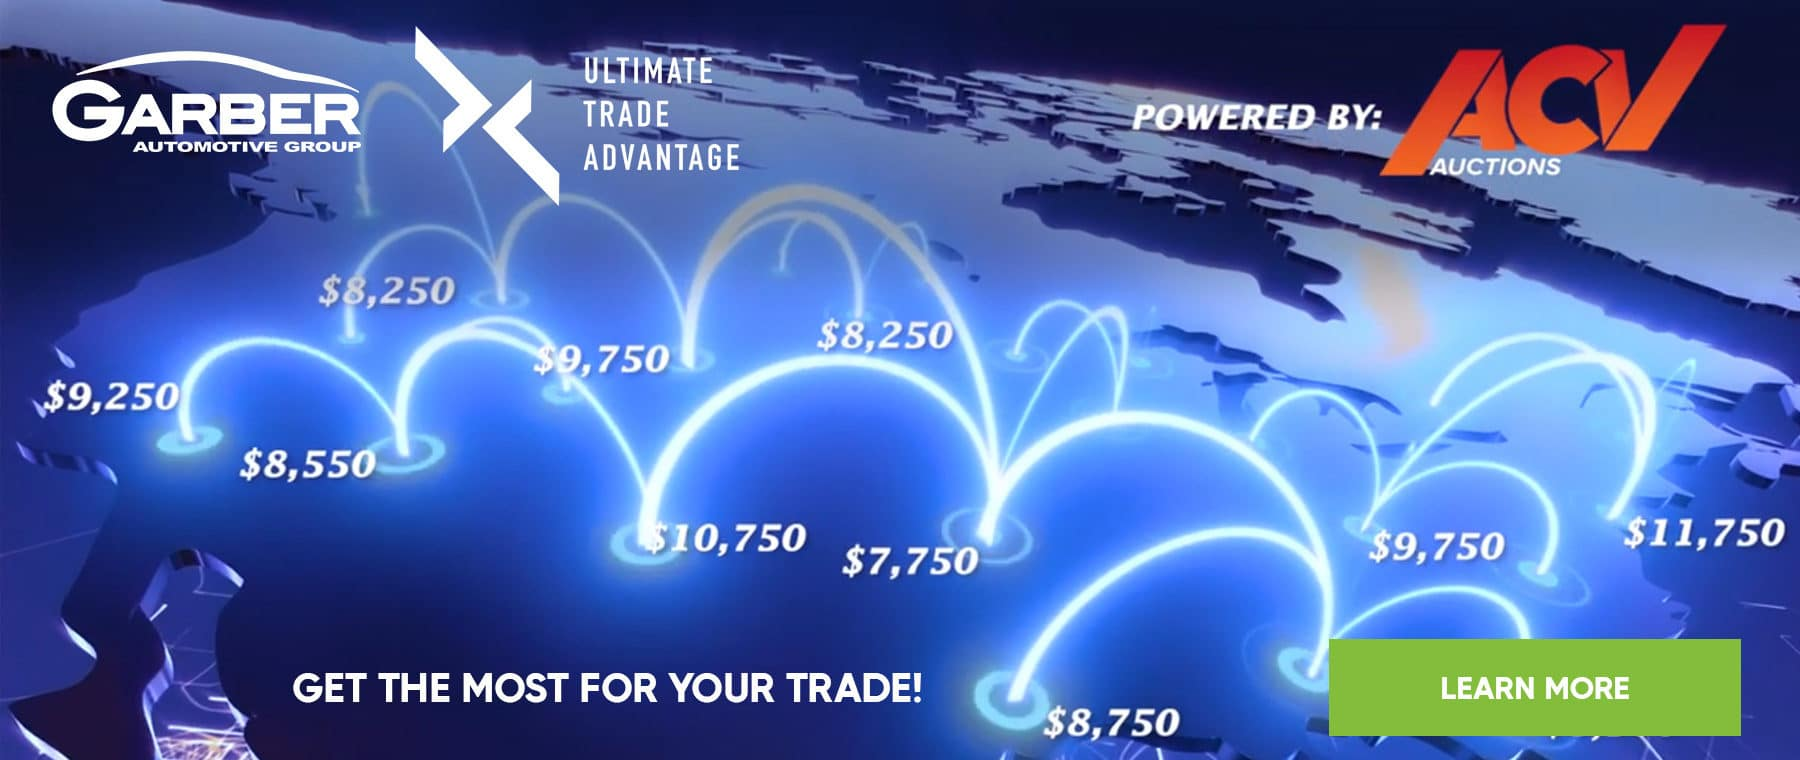 garber-trade